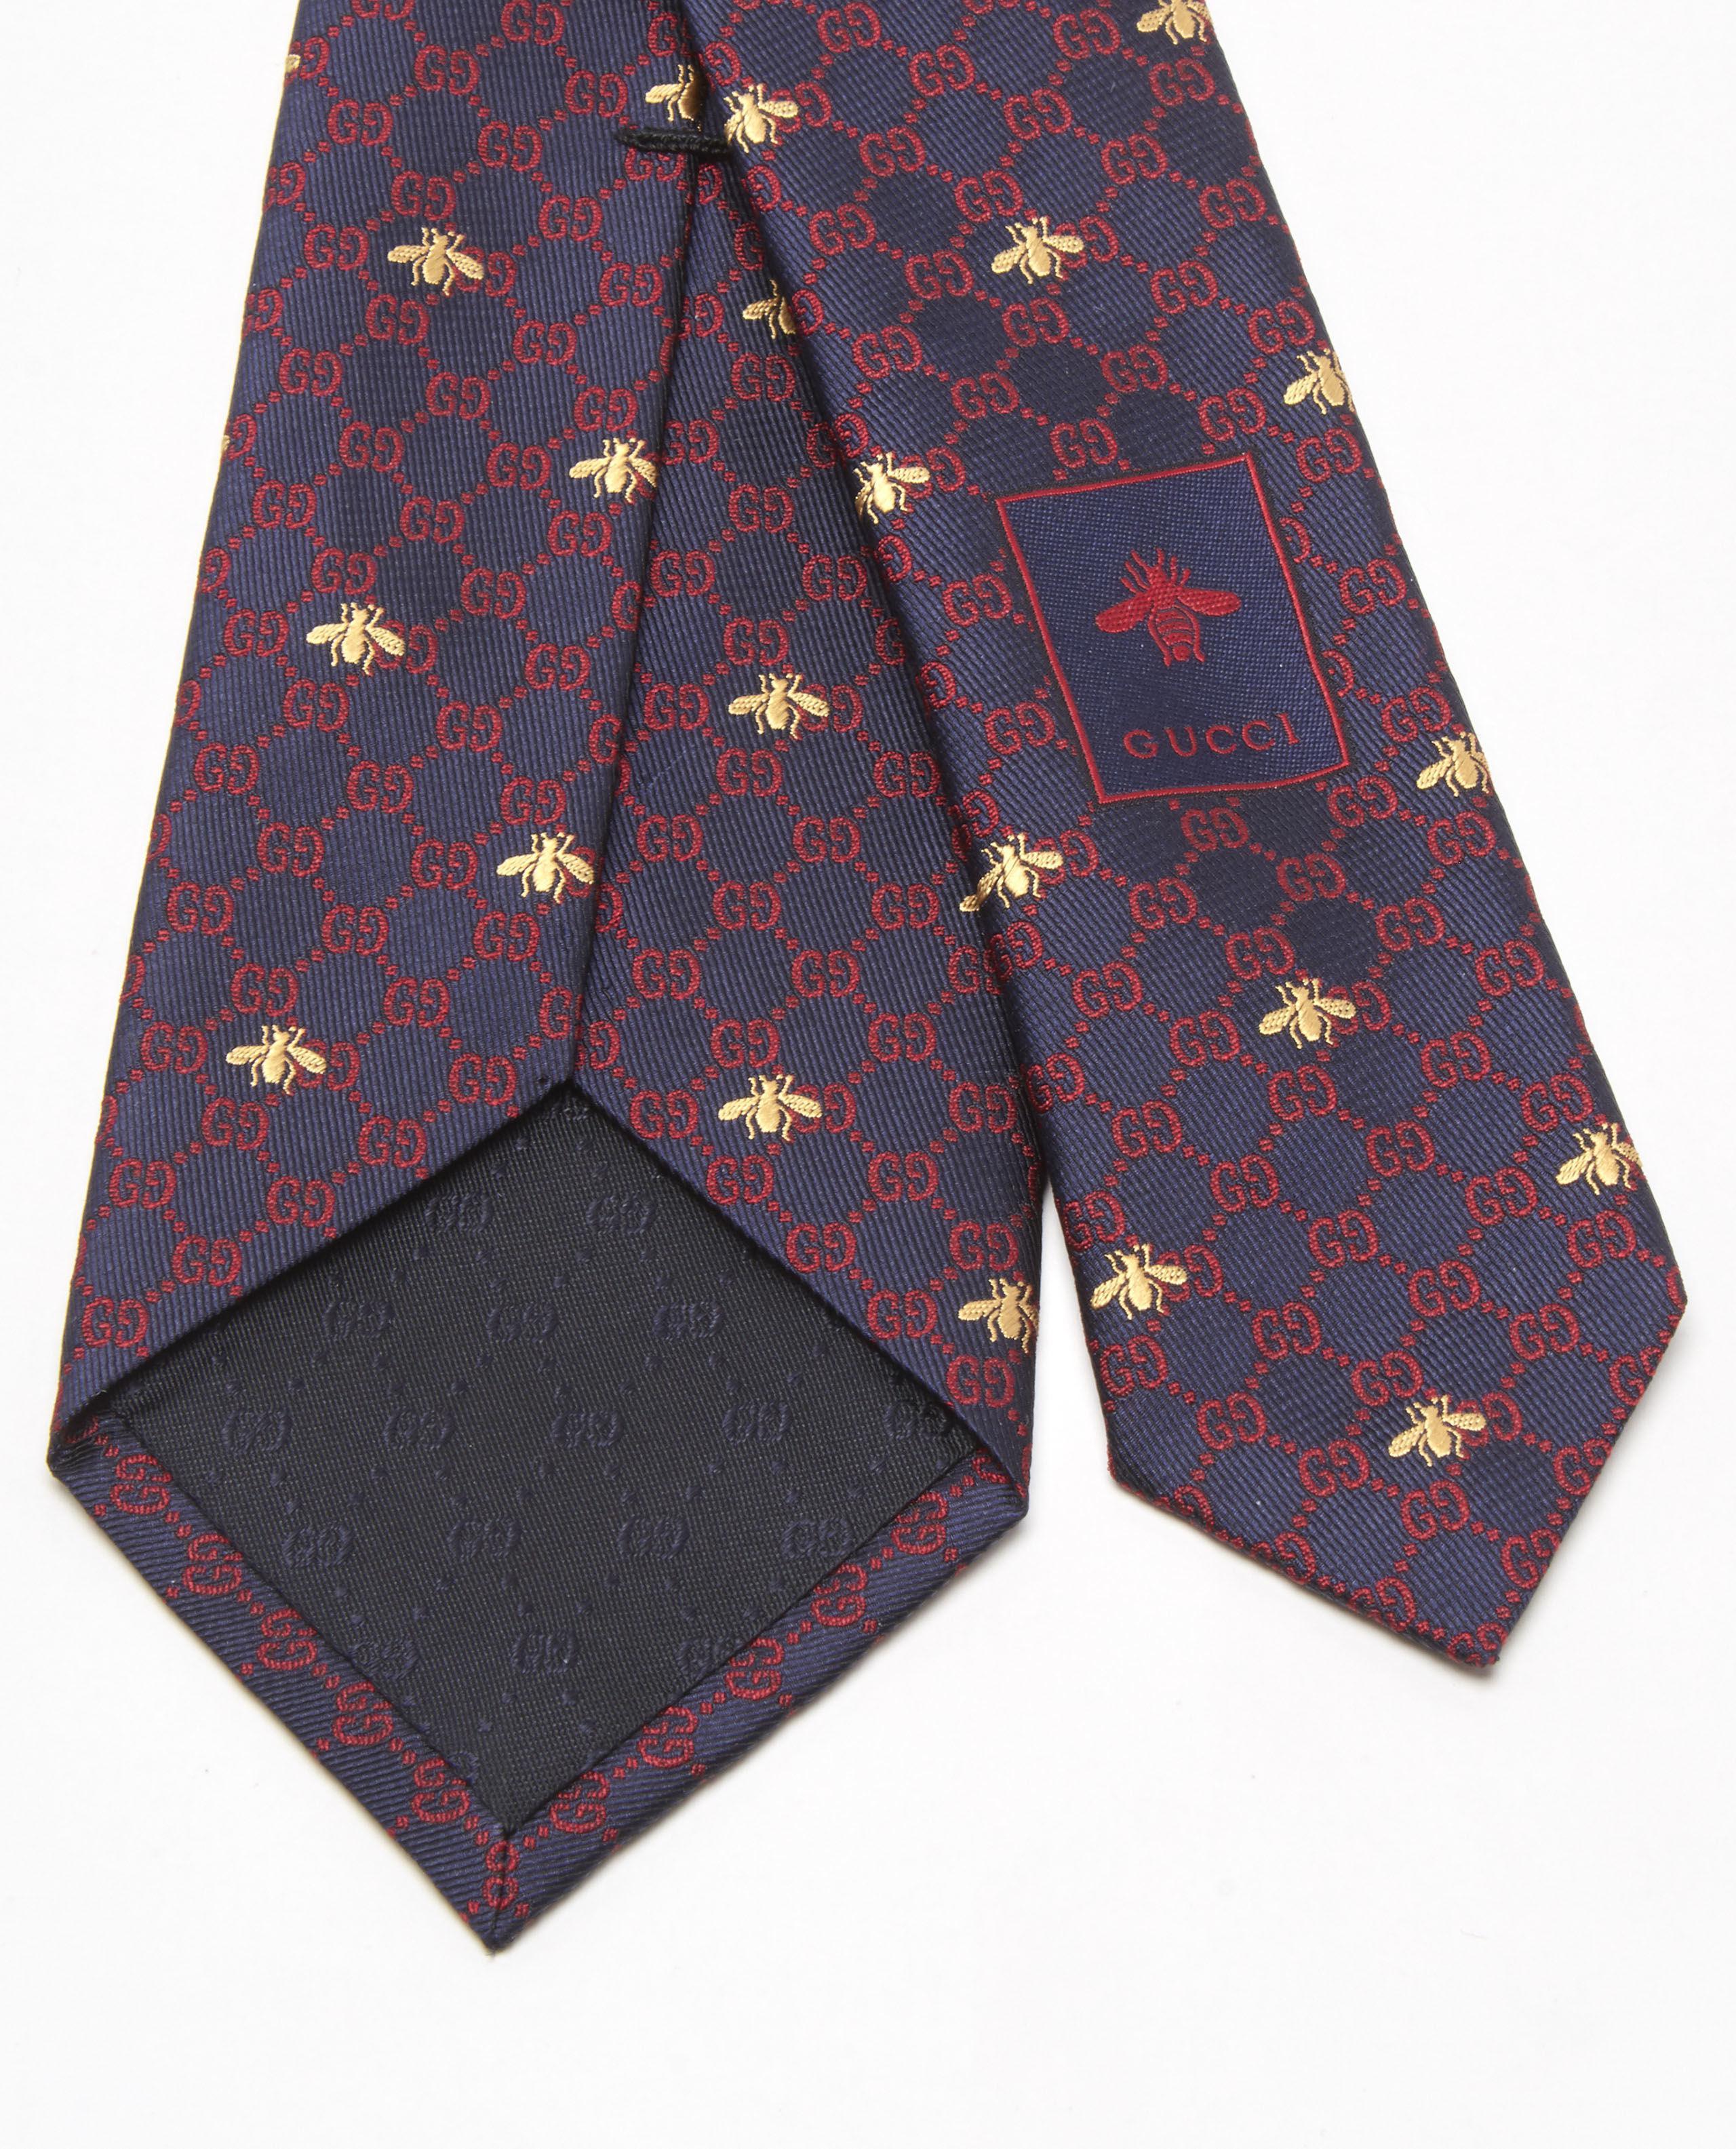 5c8e6c7f85c0f Lyst - Gucci GG Bees Silk Tie in Blue for Men